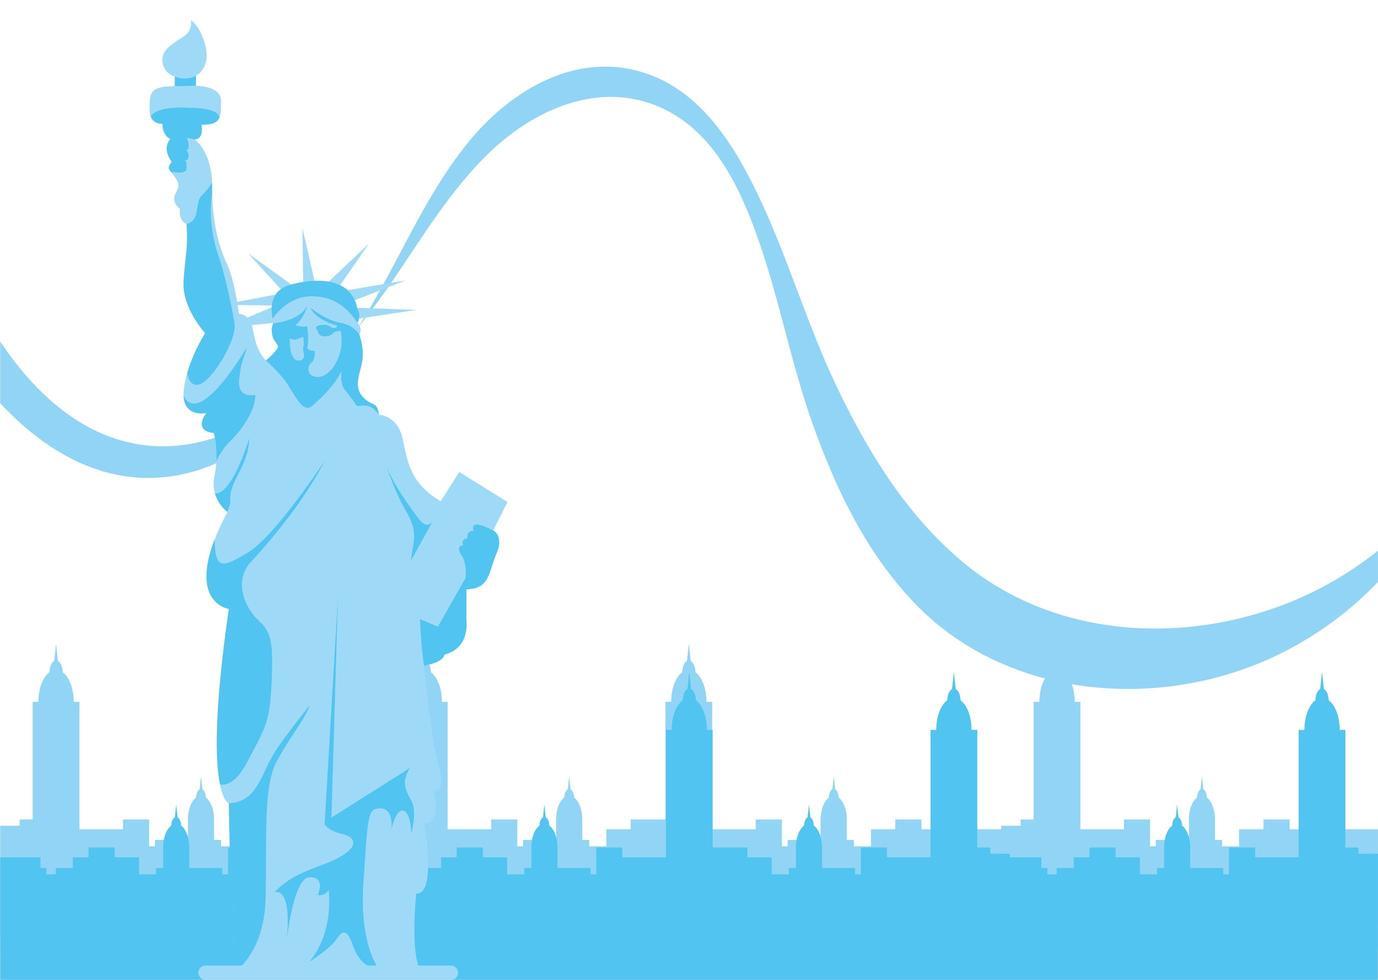 estátua da liberdade dos eua em frente ao desenho vetorial de edifícios da cidade vetor